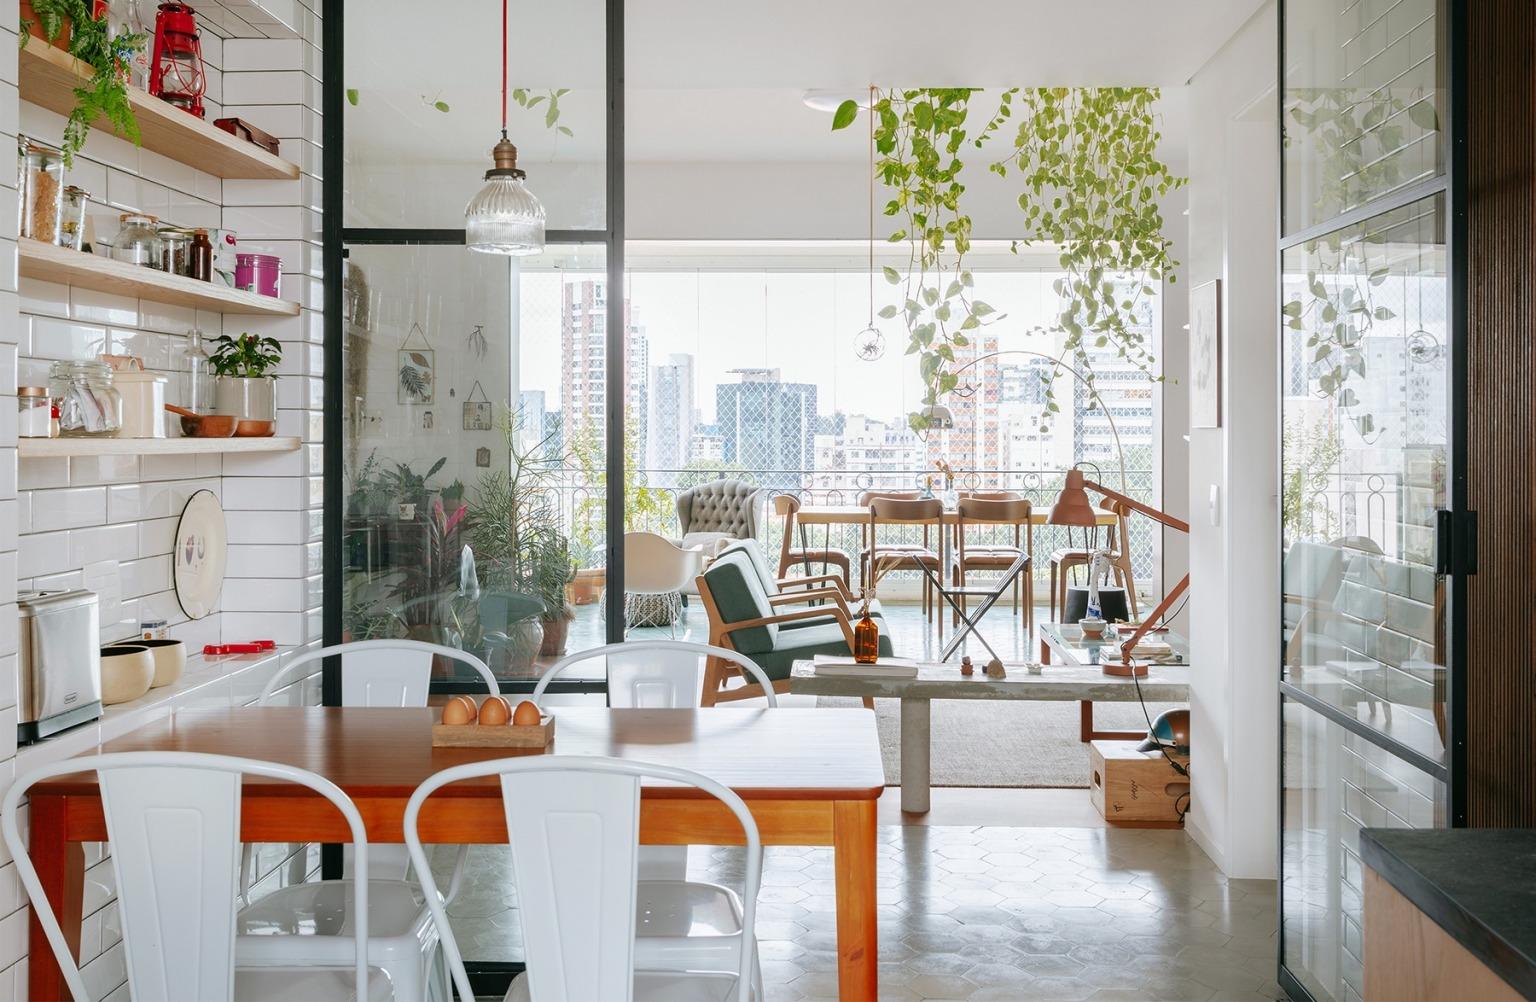 Cozinha integrada por portas de serralheria e vidro